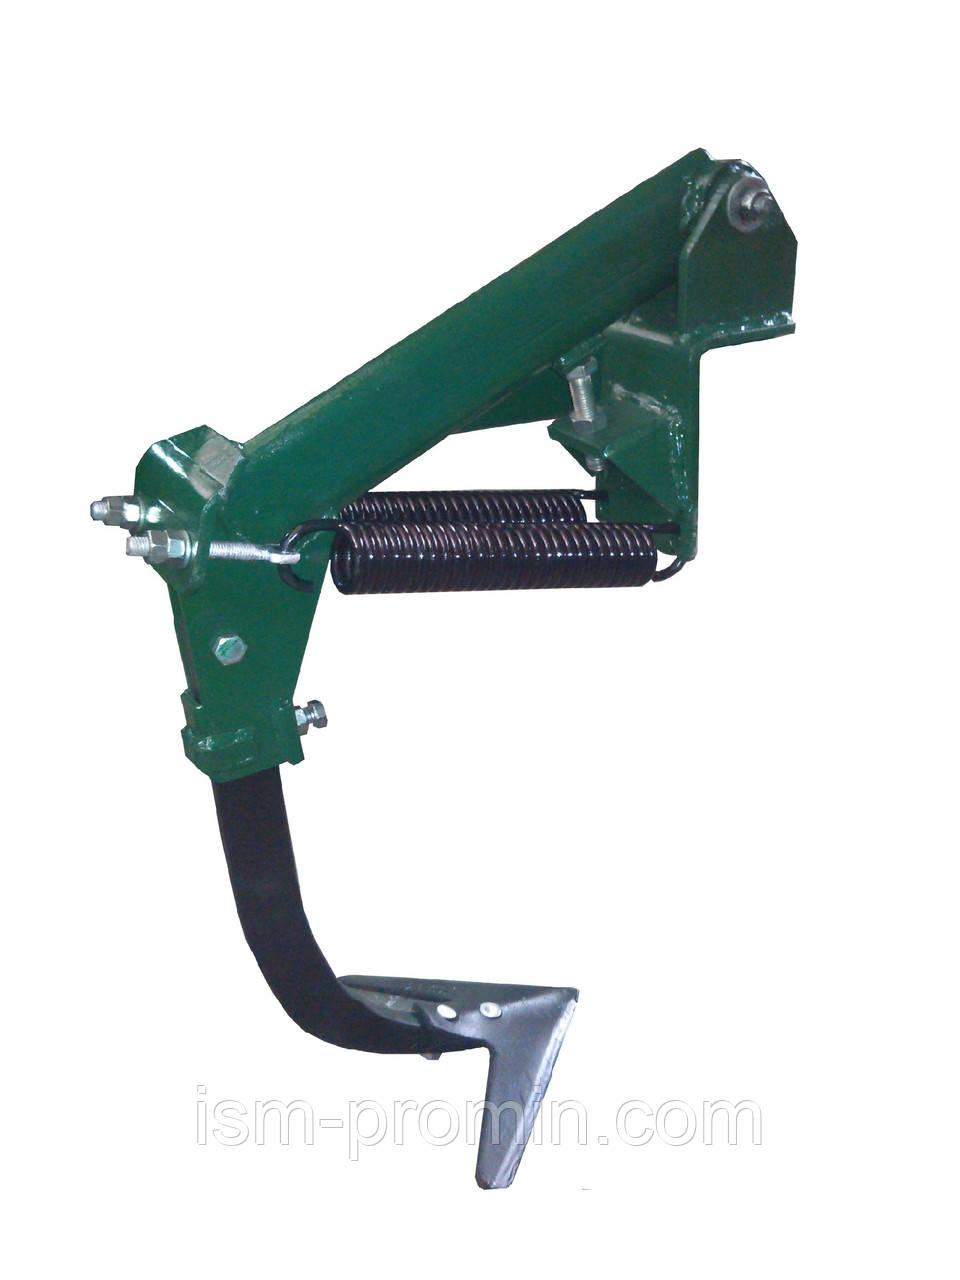 Грядиль в сборе с лапой 330 мм КПН 2.2.00-02